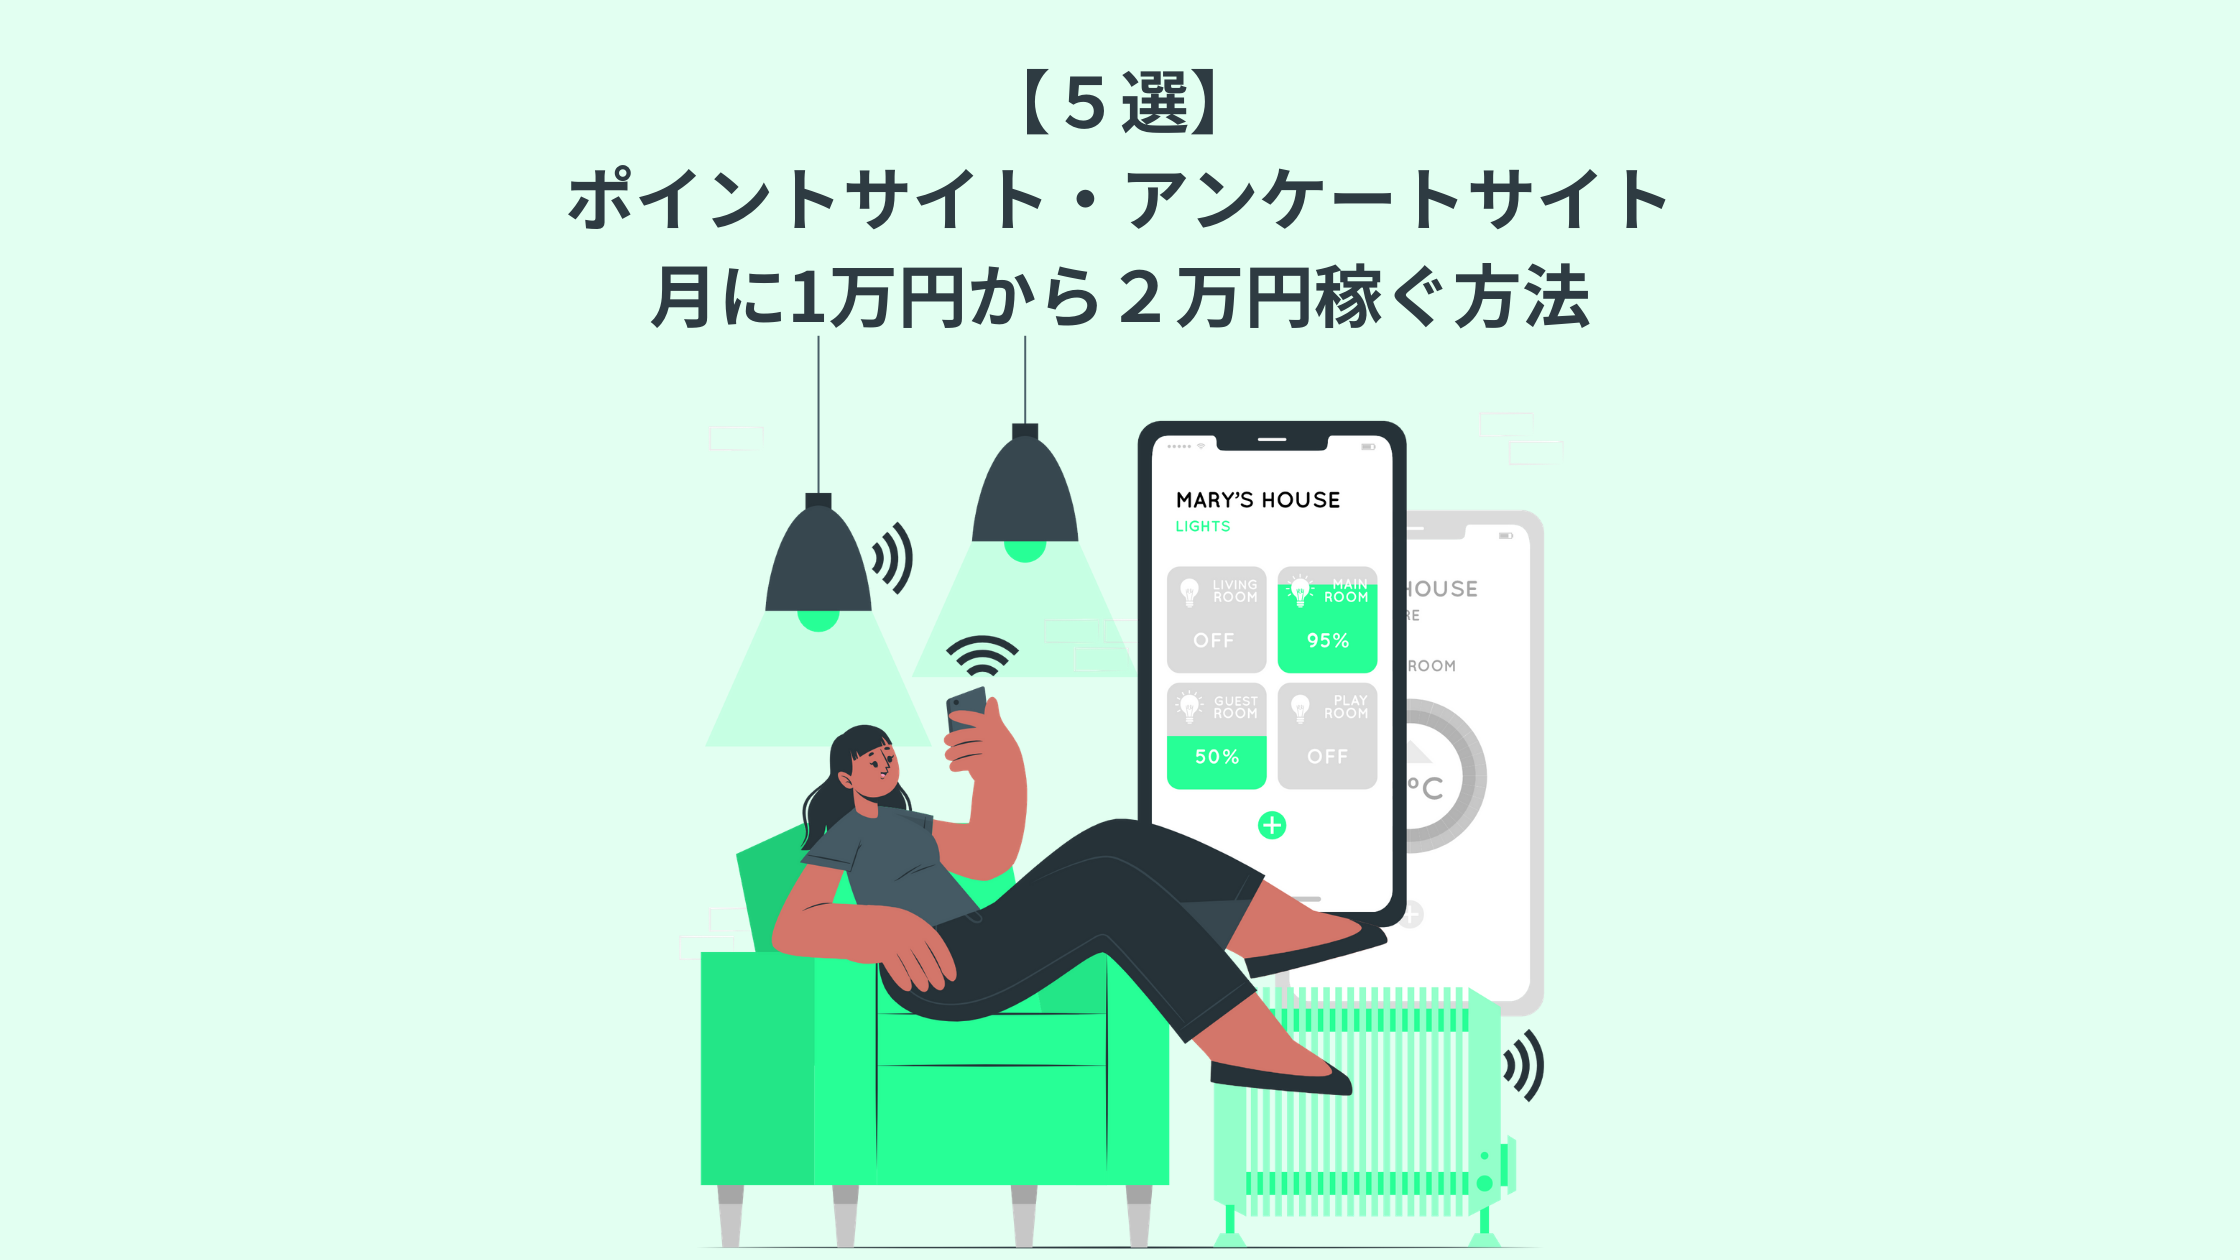 【5選】 ポイントサイト・アンケートサイト 月に1万円から2万円稼ぐ方法